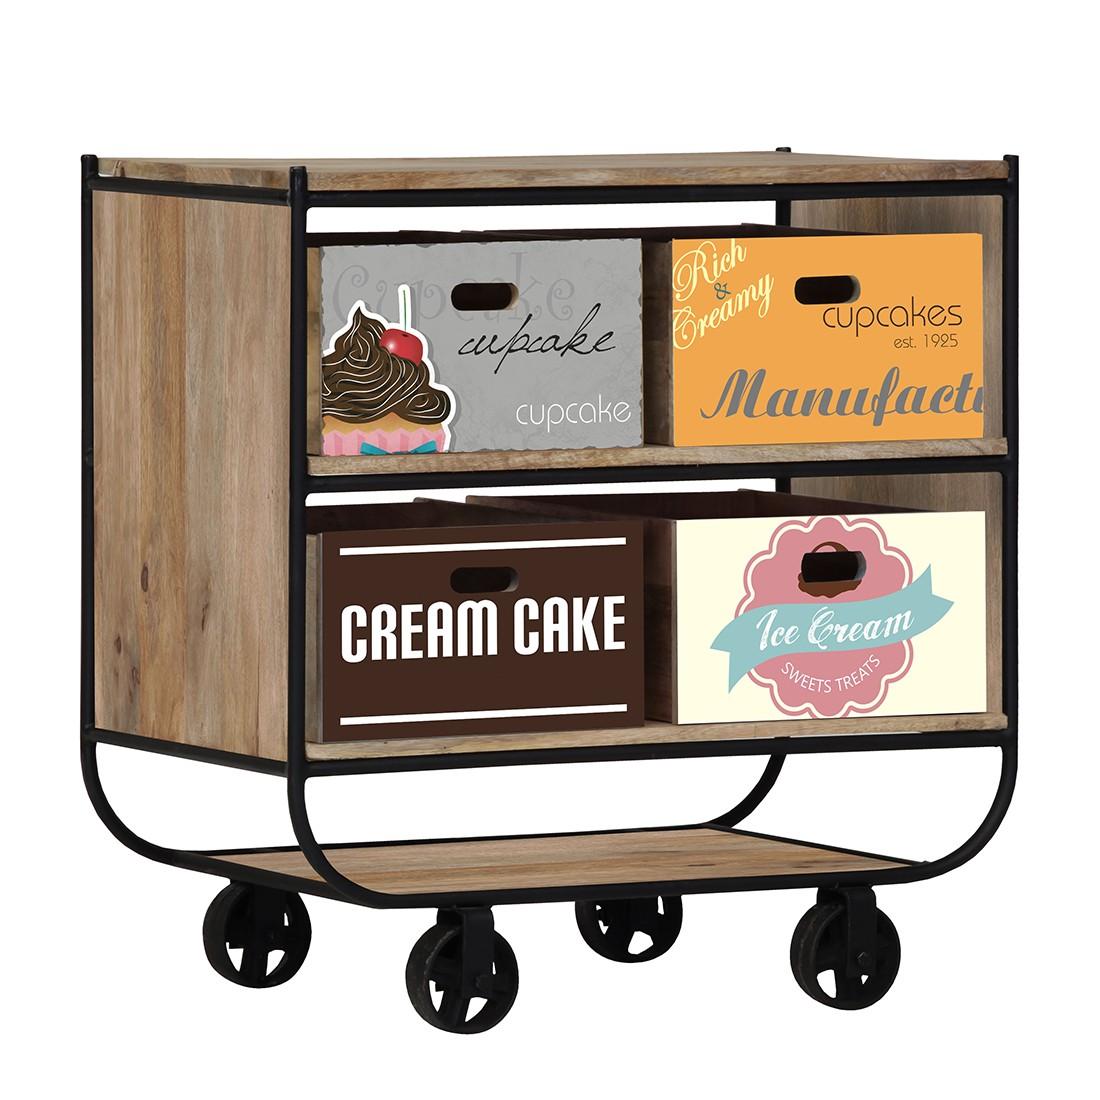 servierwagen metall preisvergleich die besten angebote online kaufen. Black Bedroom Furniture Sets. Home Design Ideas